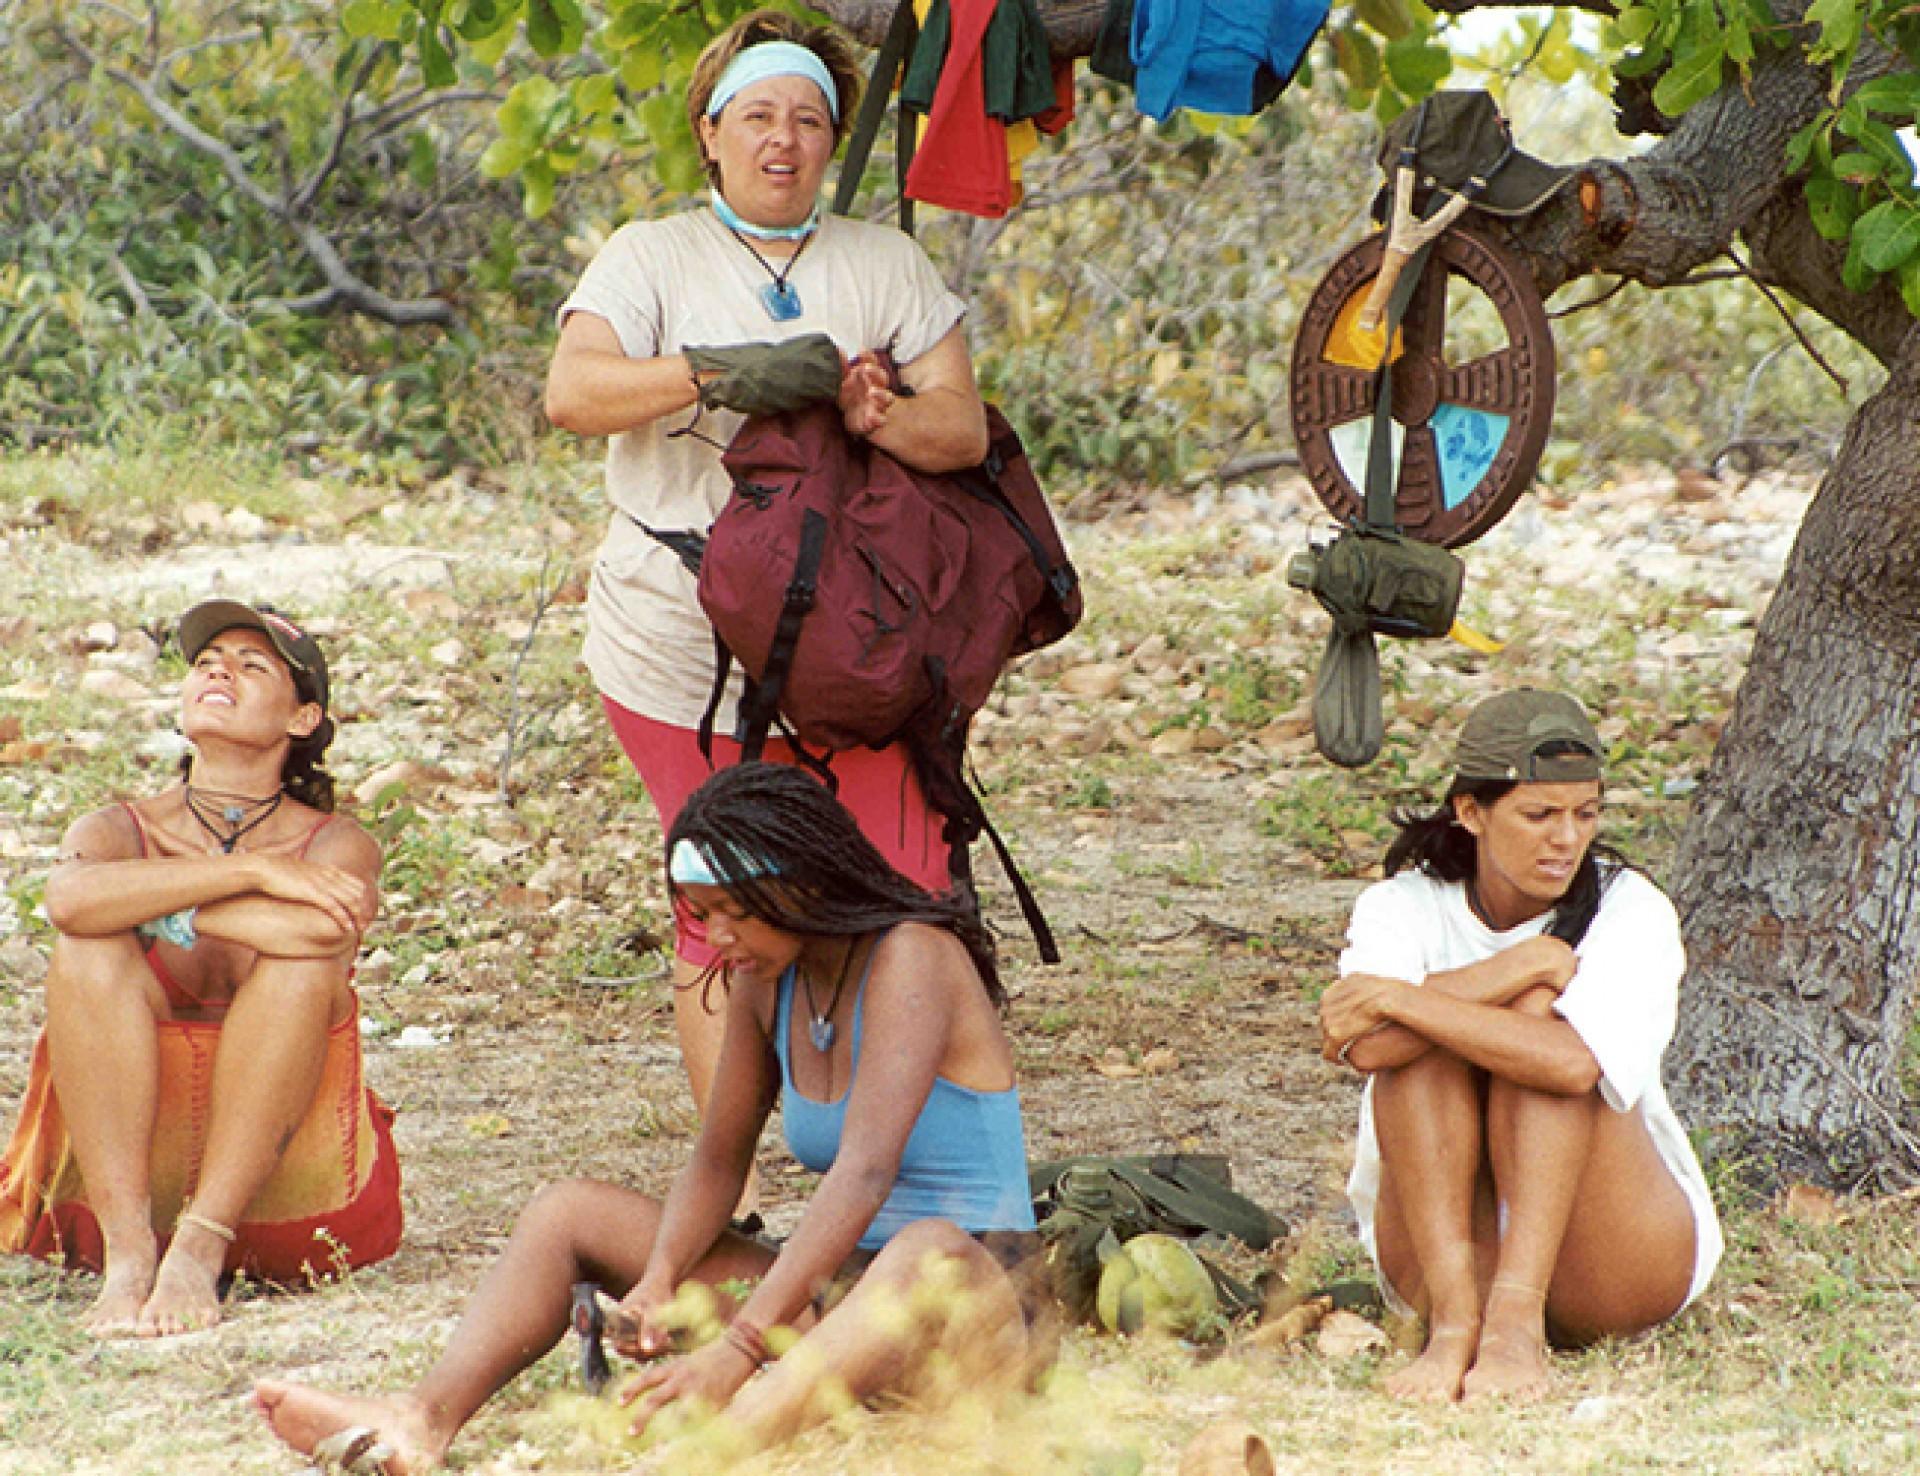 Dividido em tribos, os jogadores contam com a avaliação do público somente na final para definir o campeão.